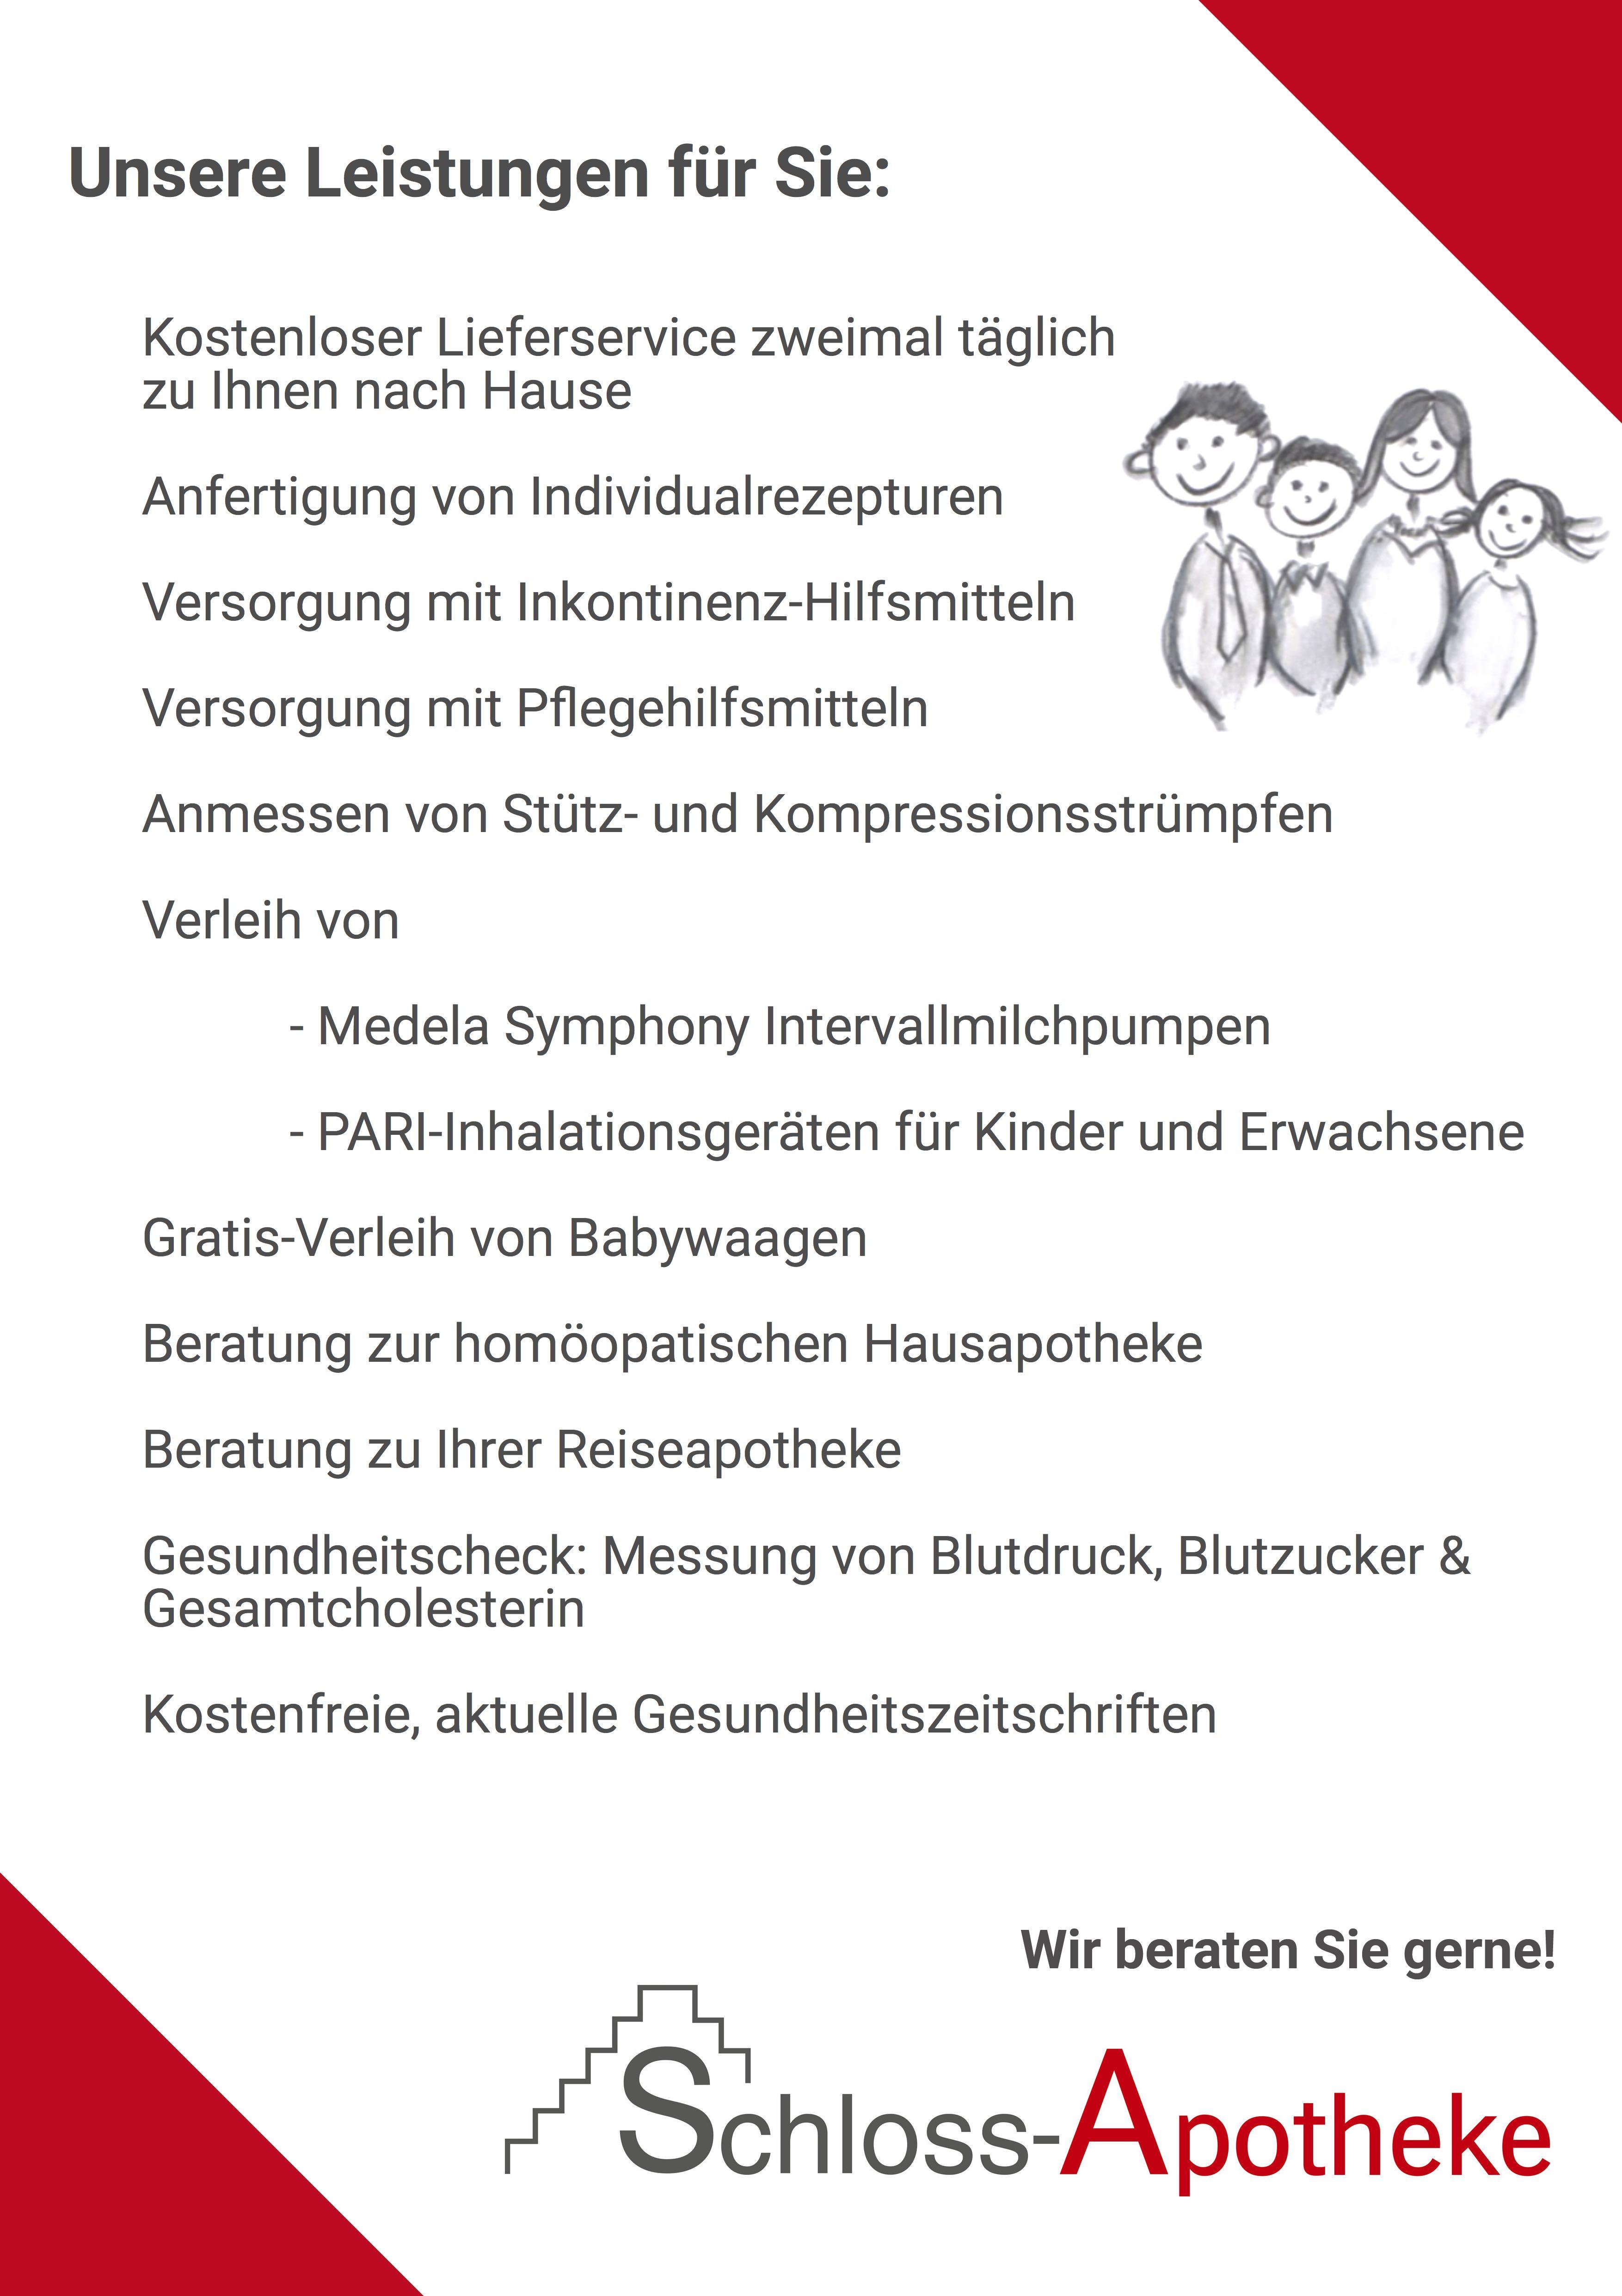 Plakat Leistungen v2